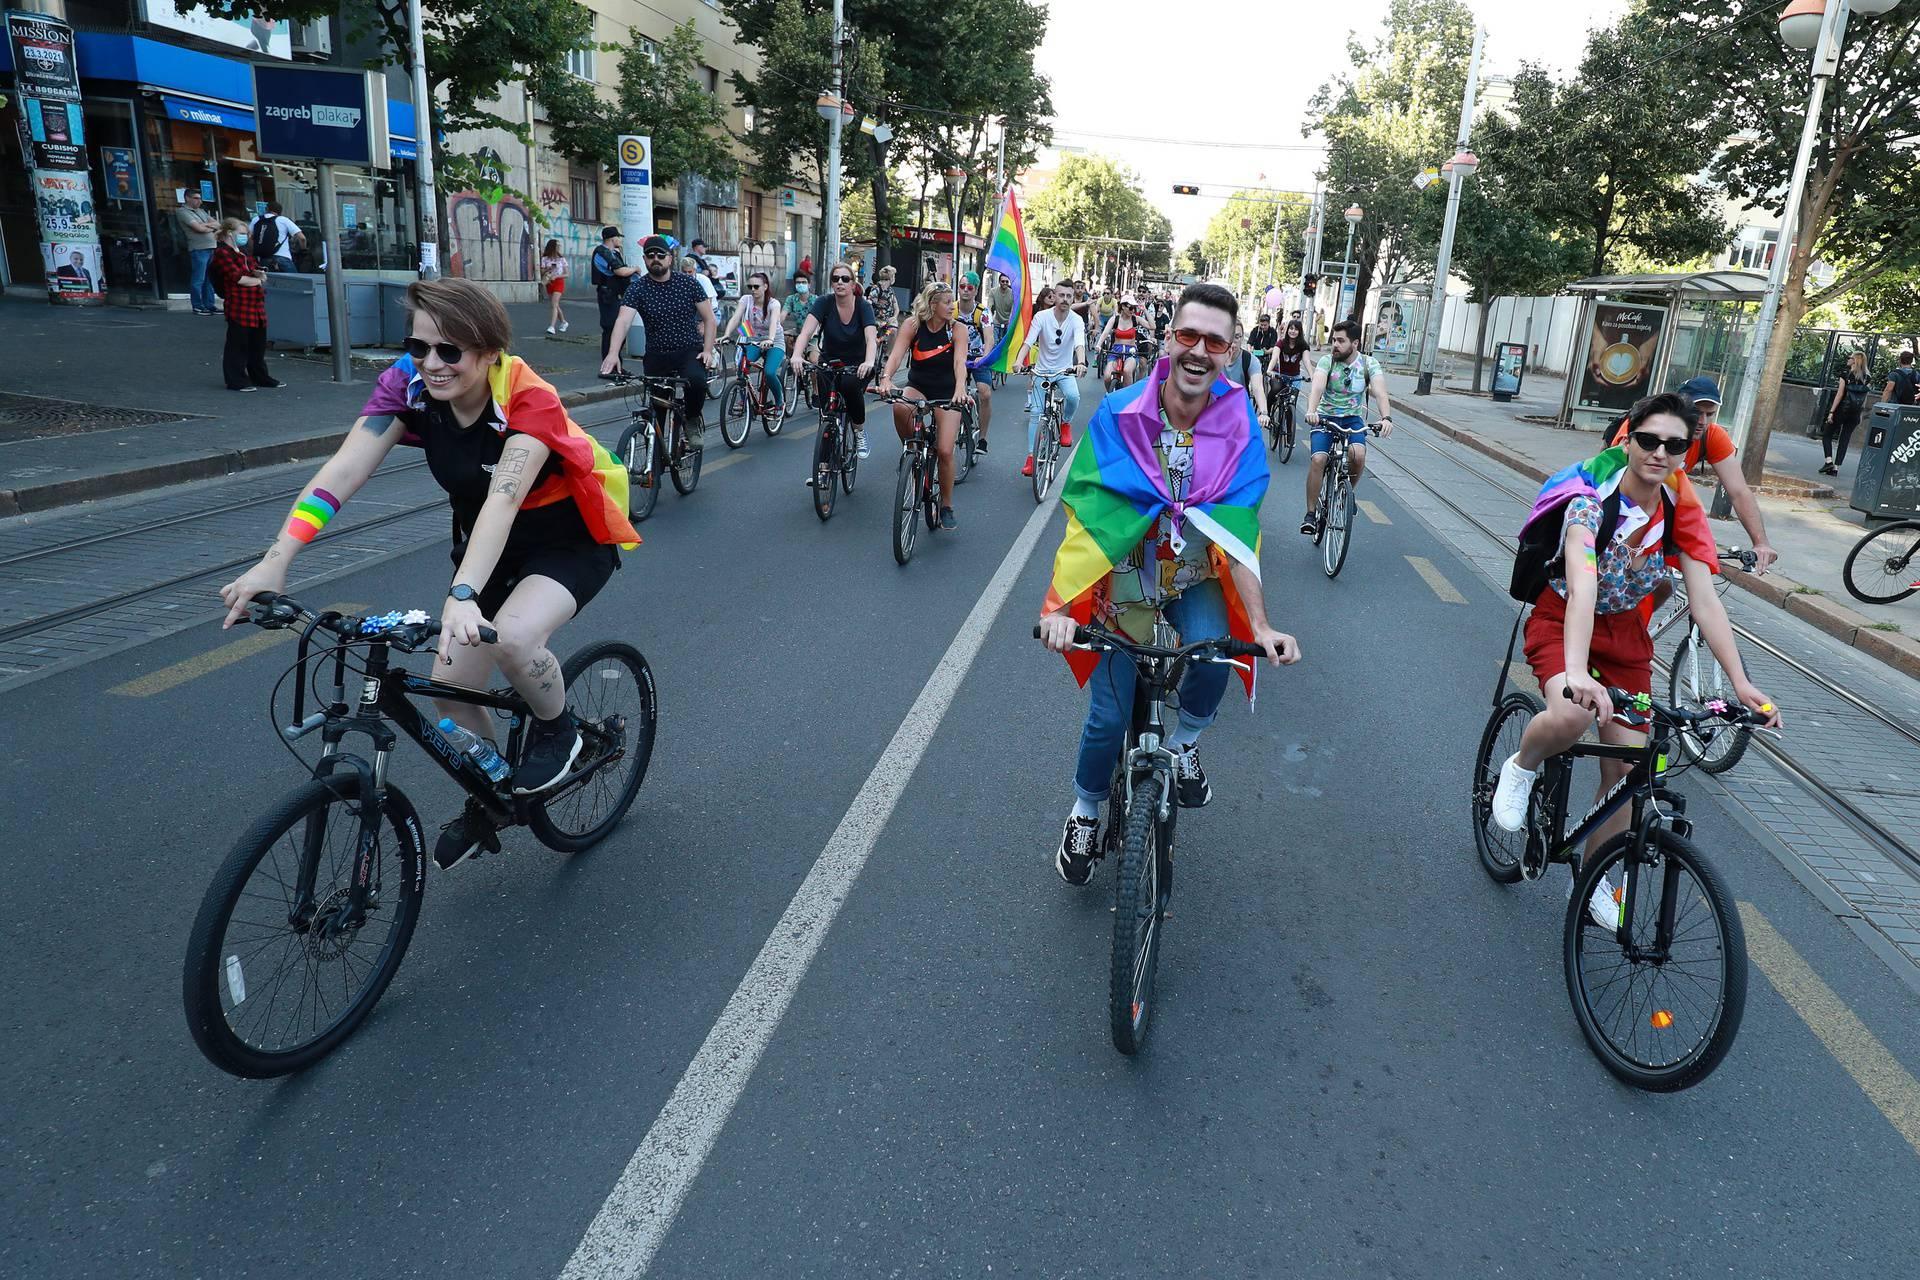 Prvi 'Pride ride' u Hrvatskoj prošao bez incidenata: 'Jako smo zadovoljni odazivom!'